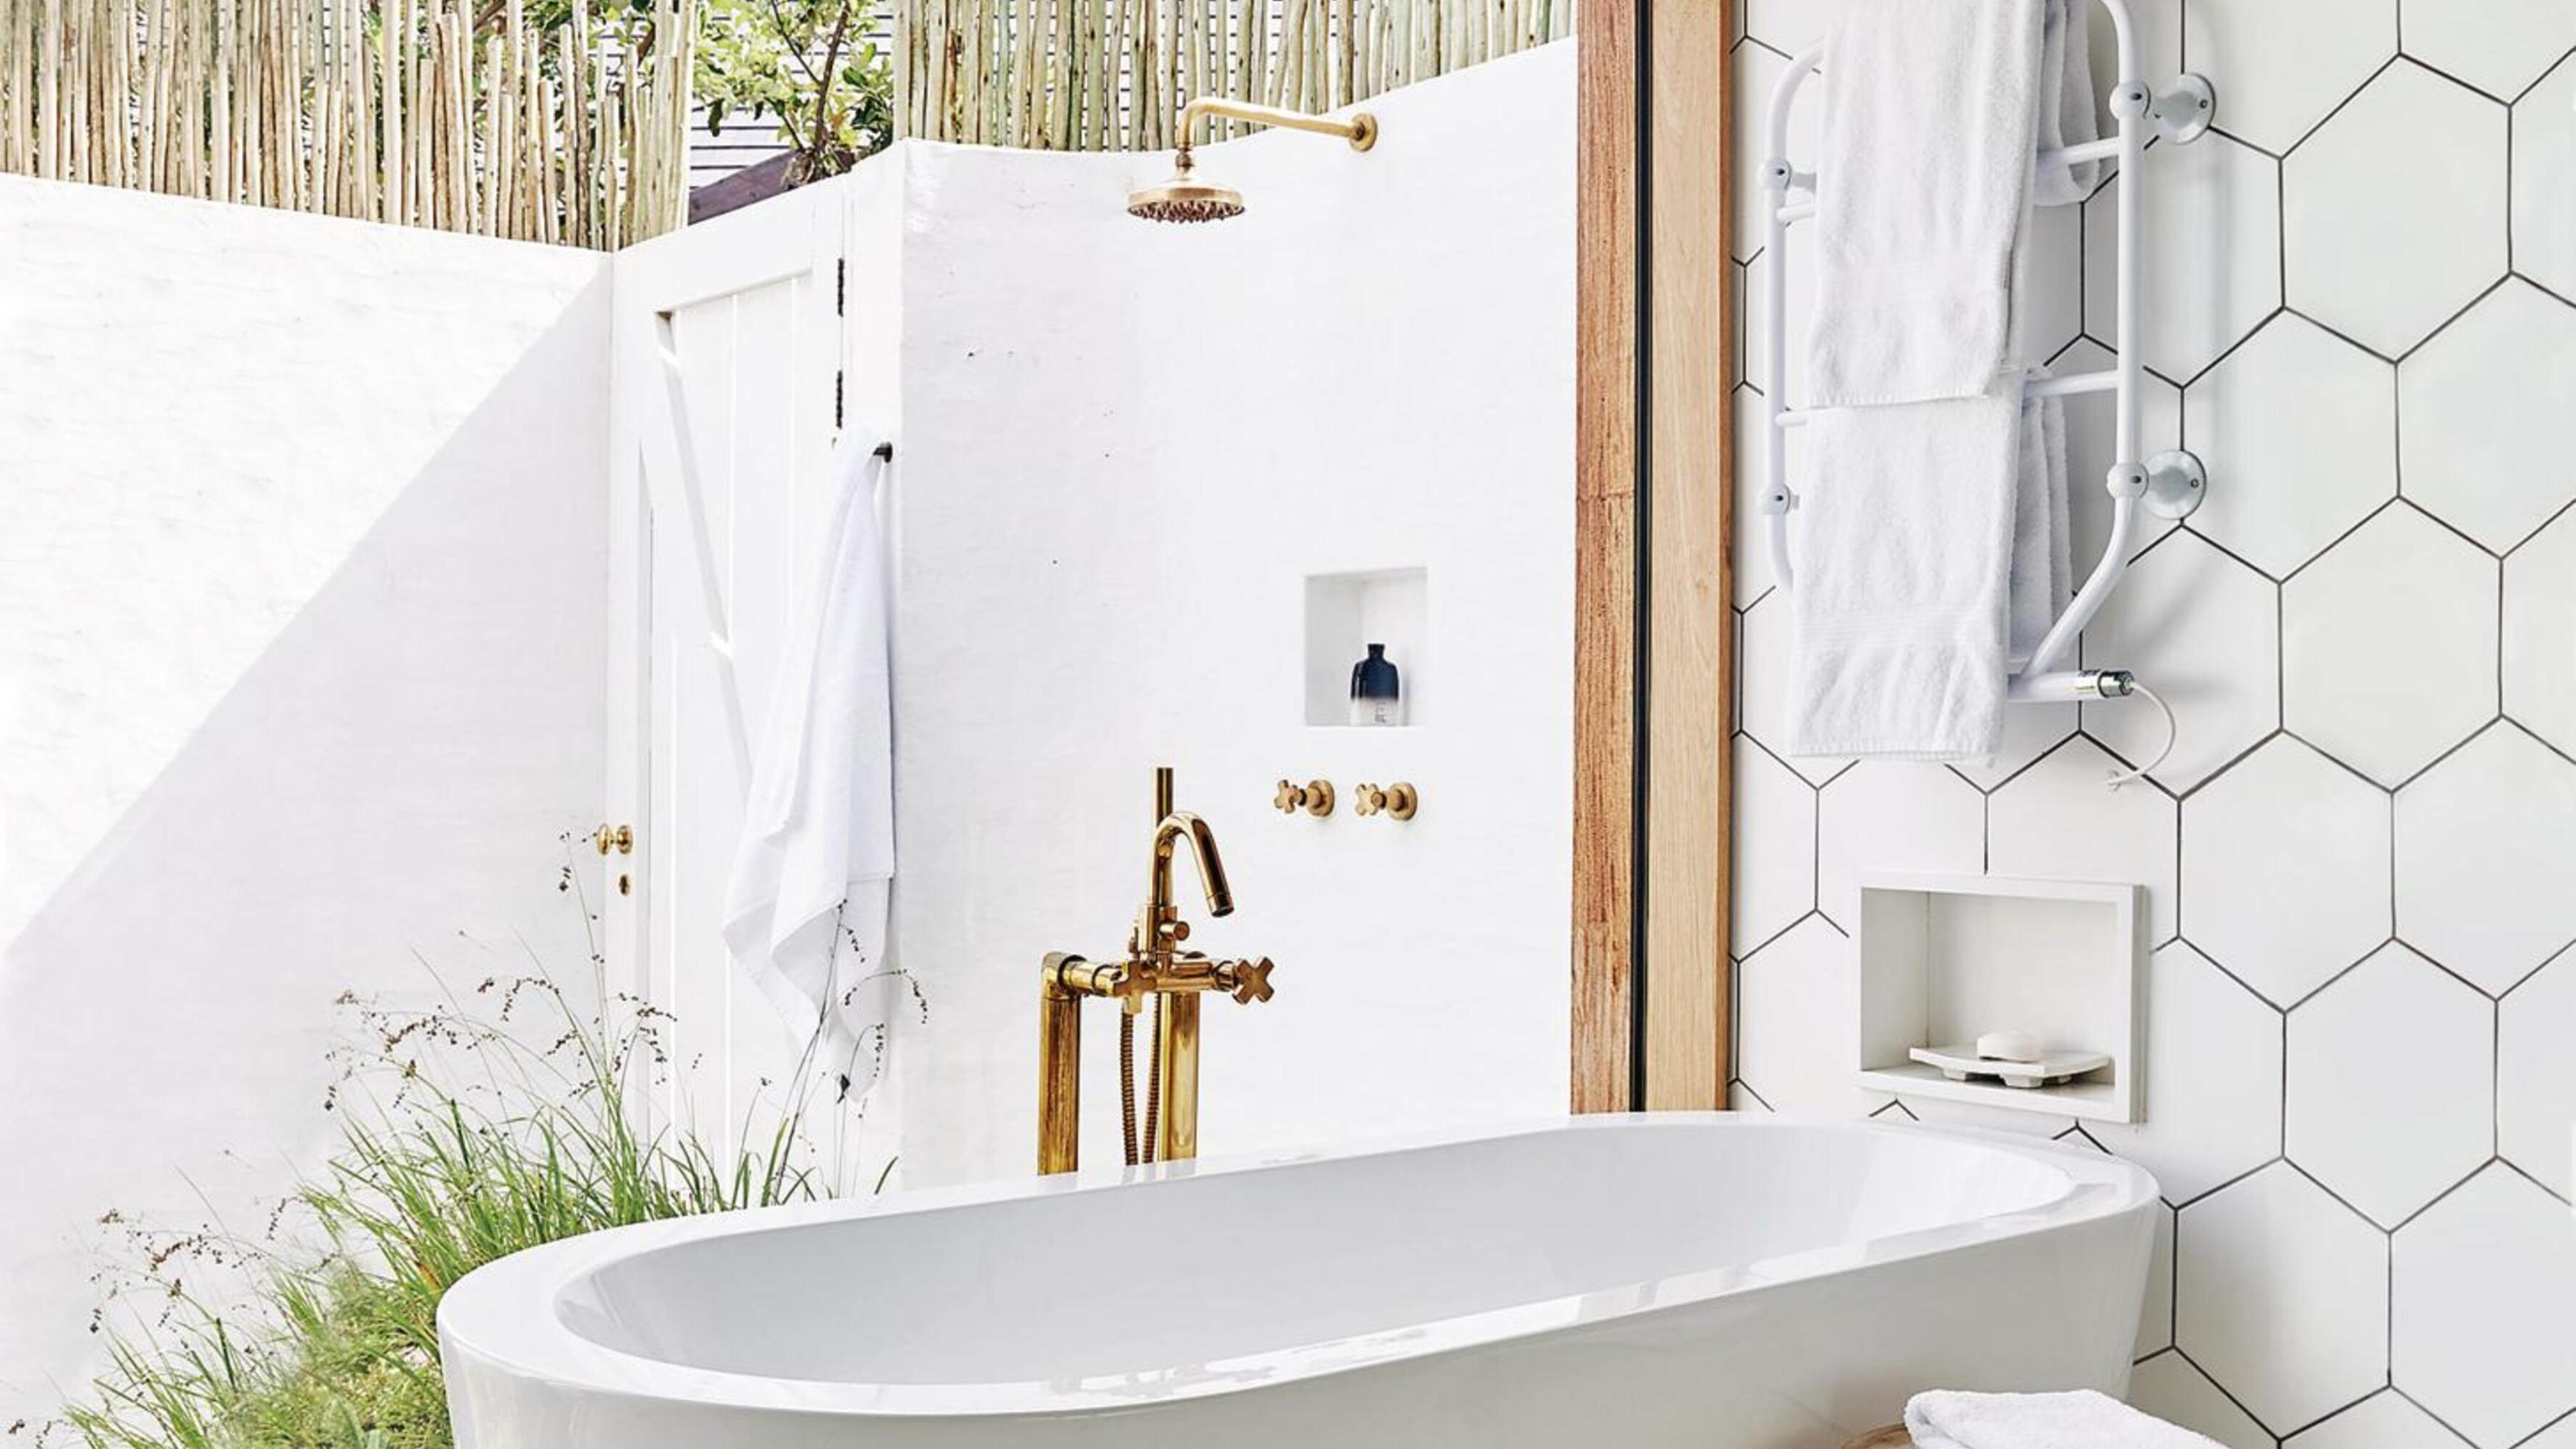 How To Choose a Bath For Your Bathroom   Bunnings Australia